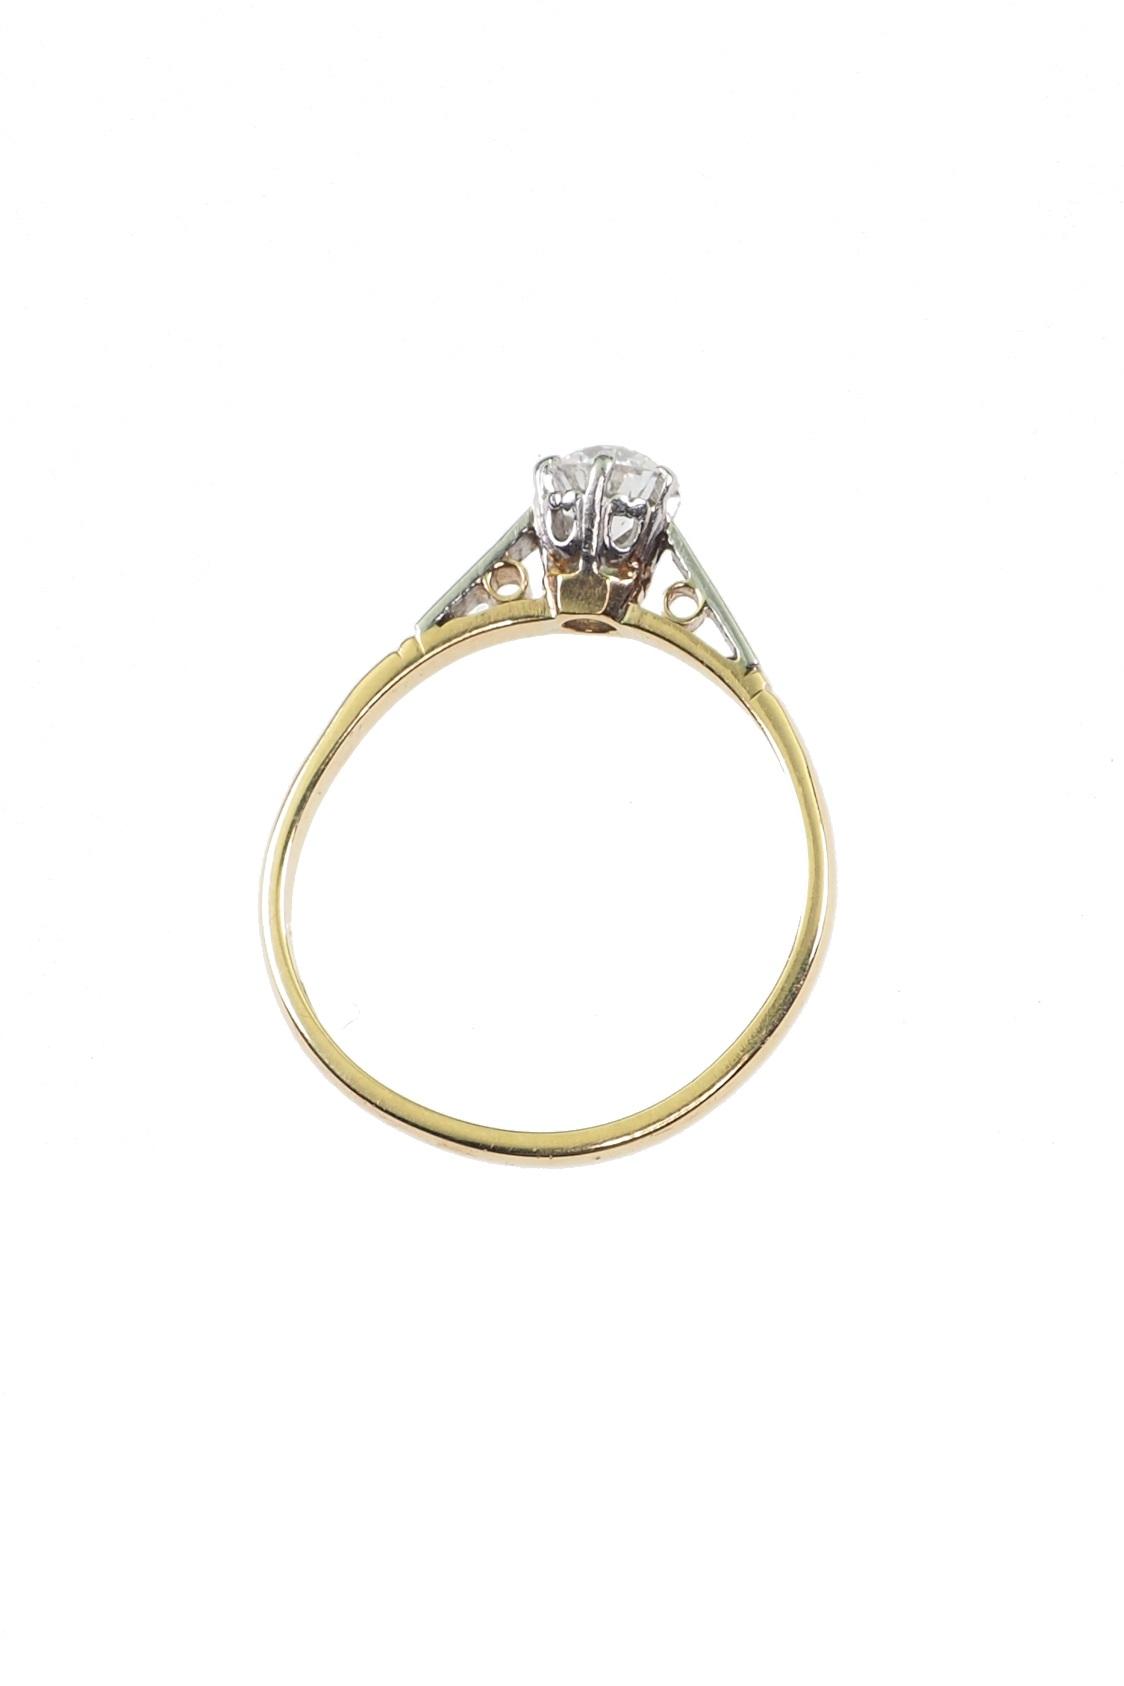 Verlobungsringe-online-kaufen-1040b